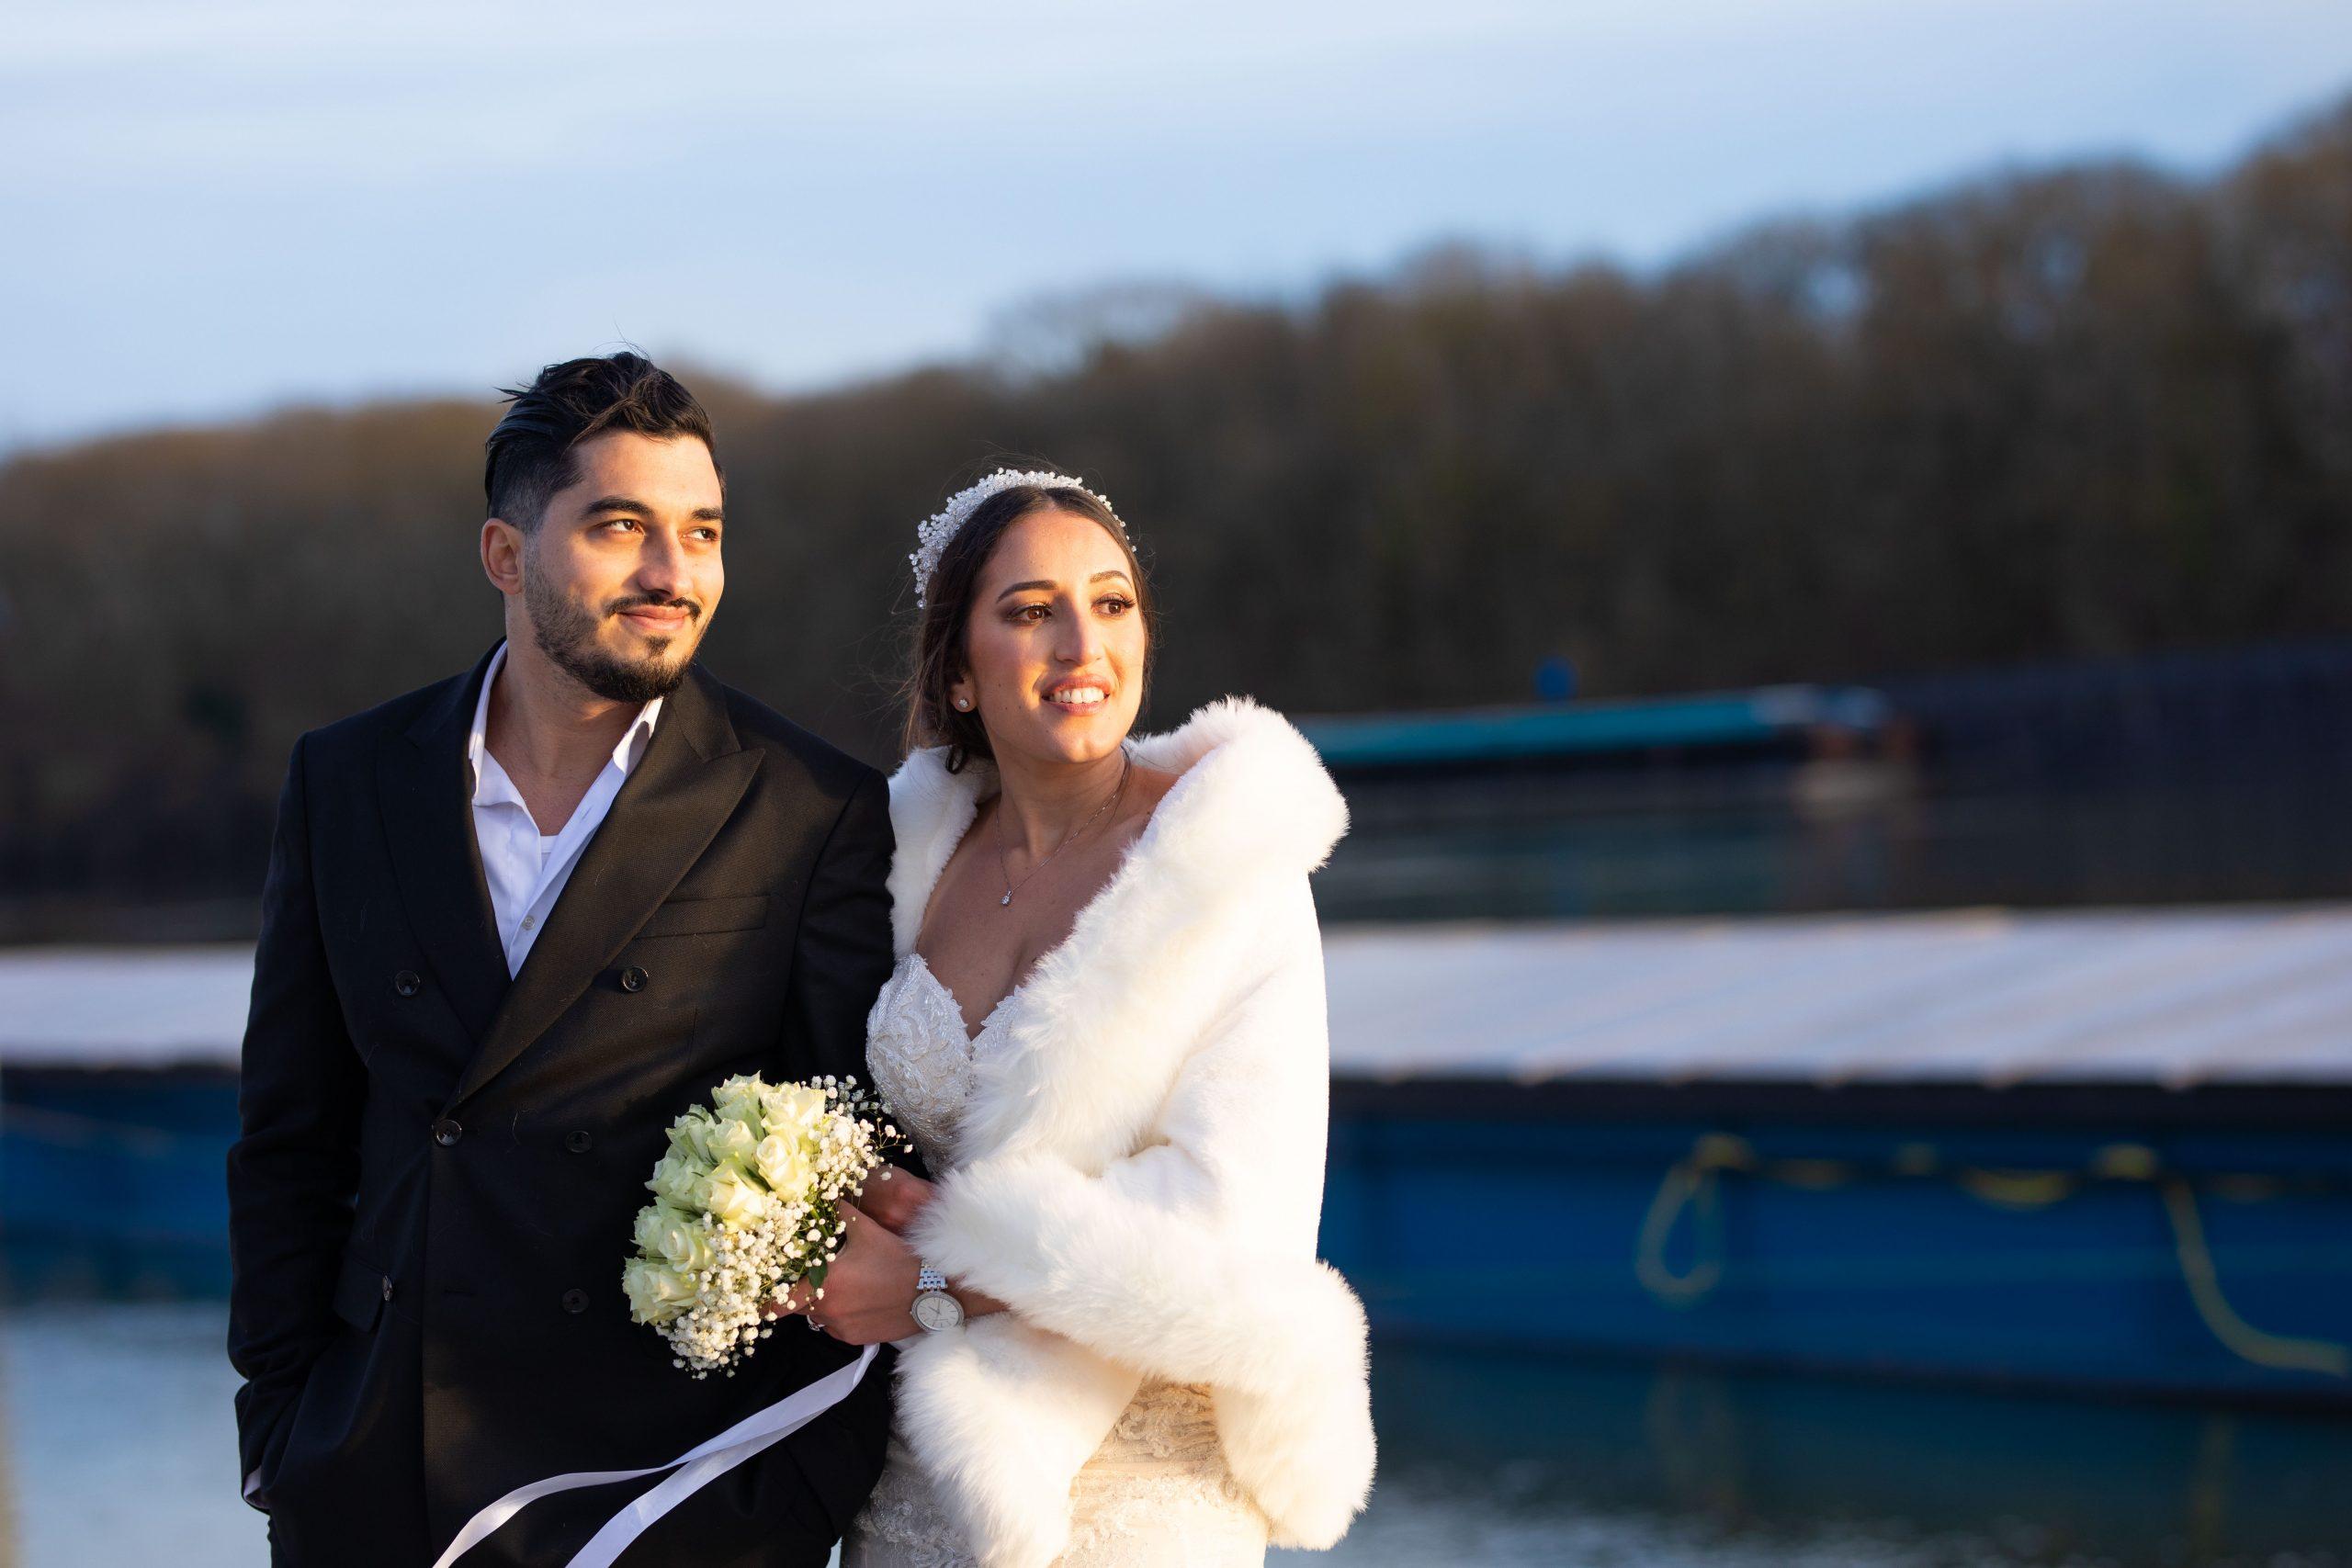 Mariage Ile de France - Photographe Ile de France original - mariage intime - séance couple - couché du soleil- Paris